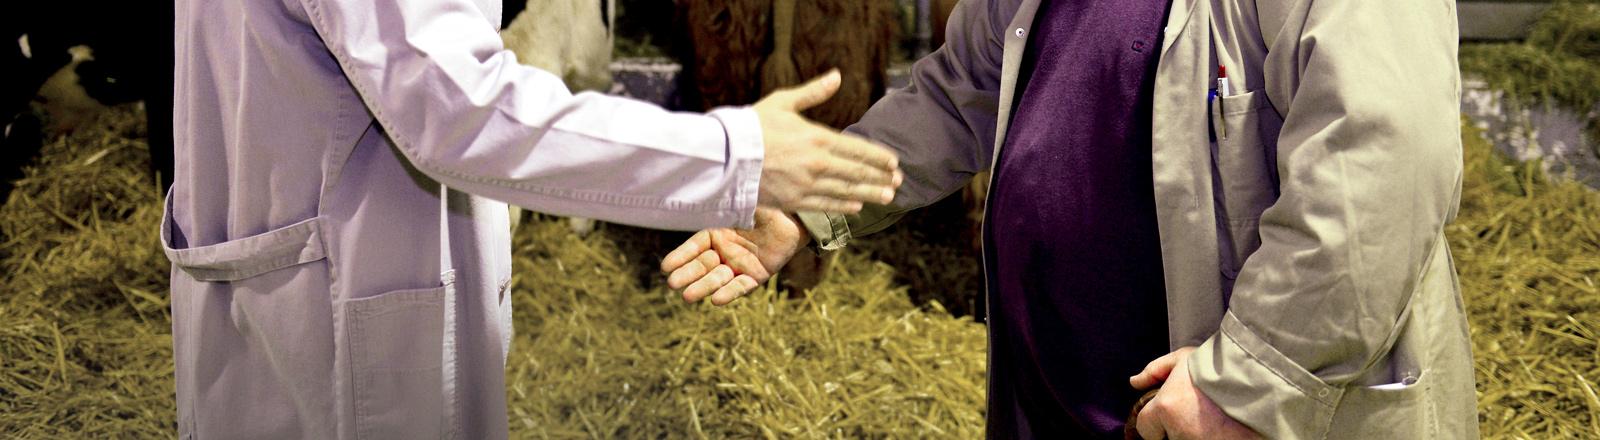 Zwei Männer im Kuhstall geben sich die Hand.